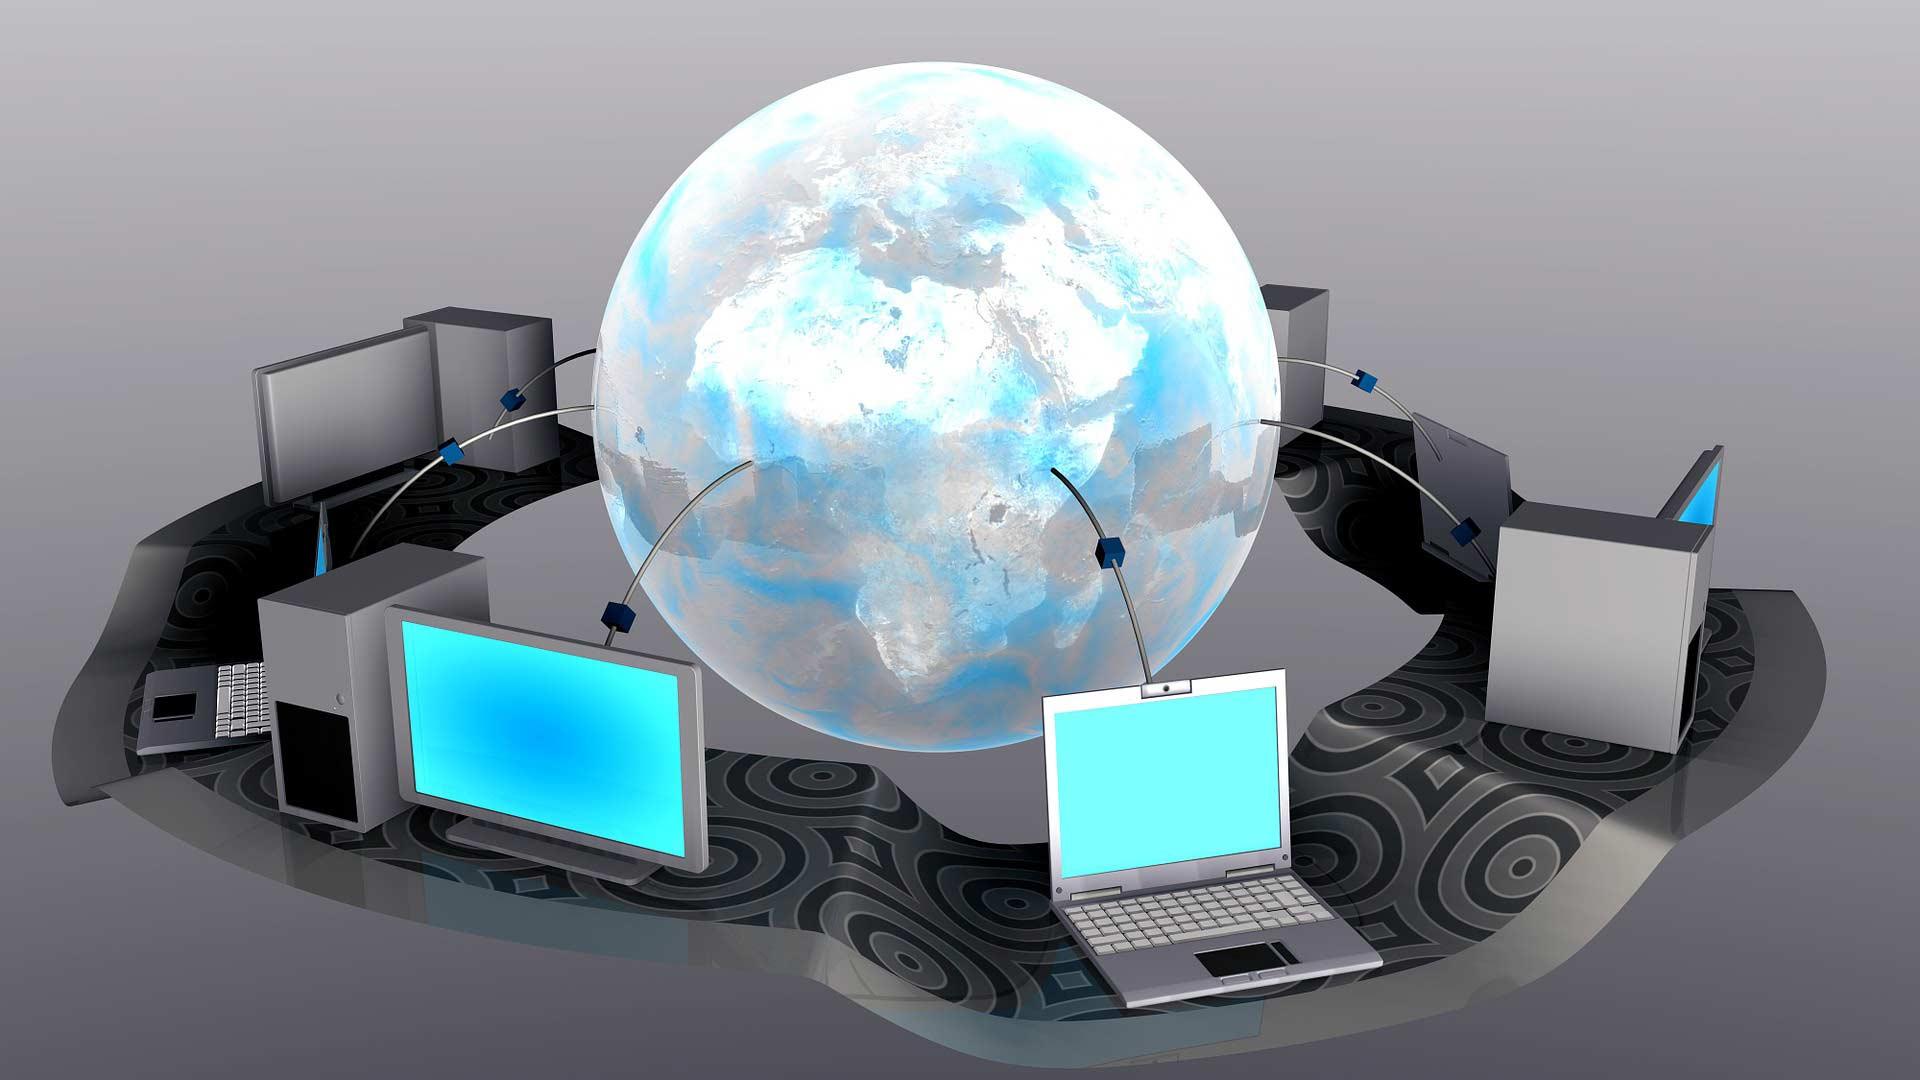 Le reti di calcolatori e il collegamento fra PC e dispositivi.